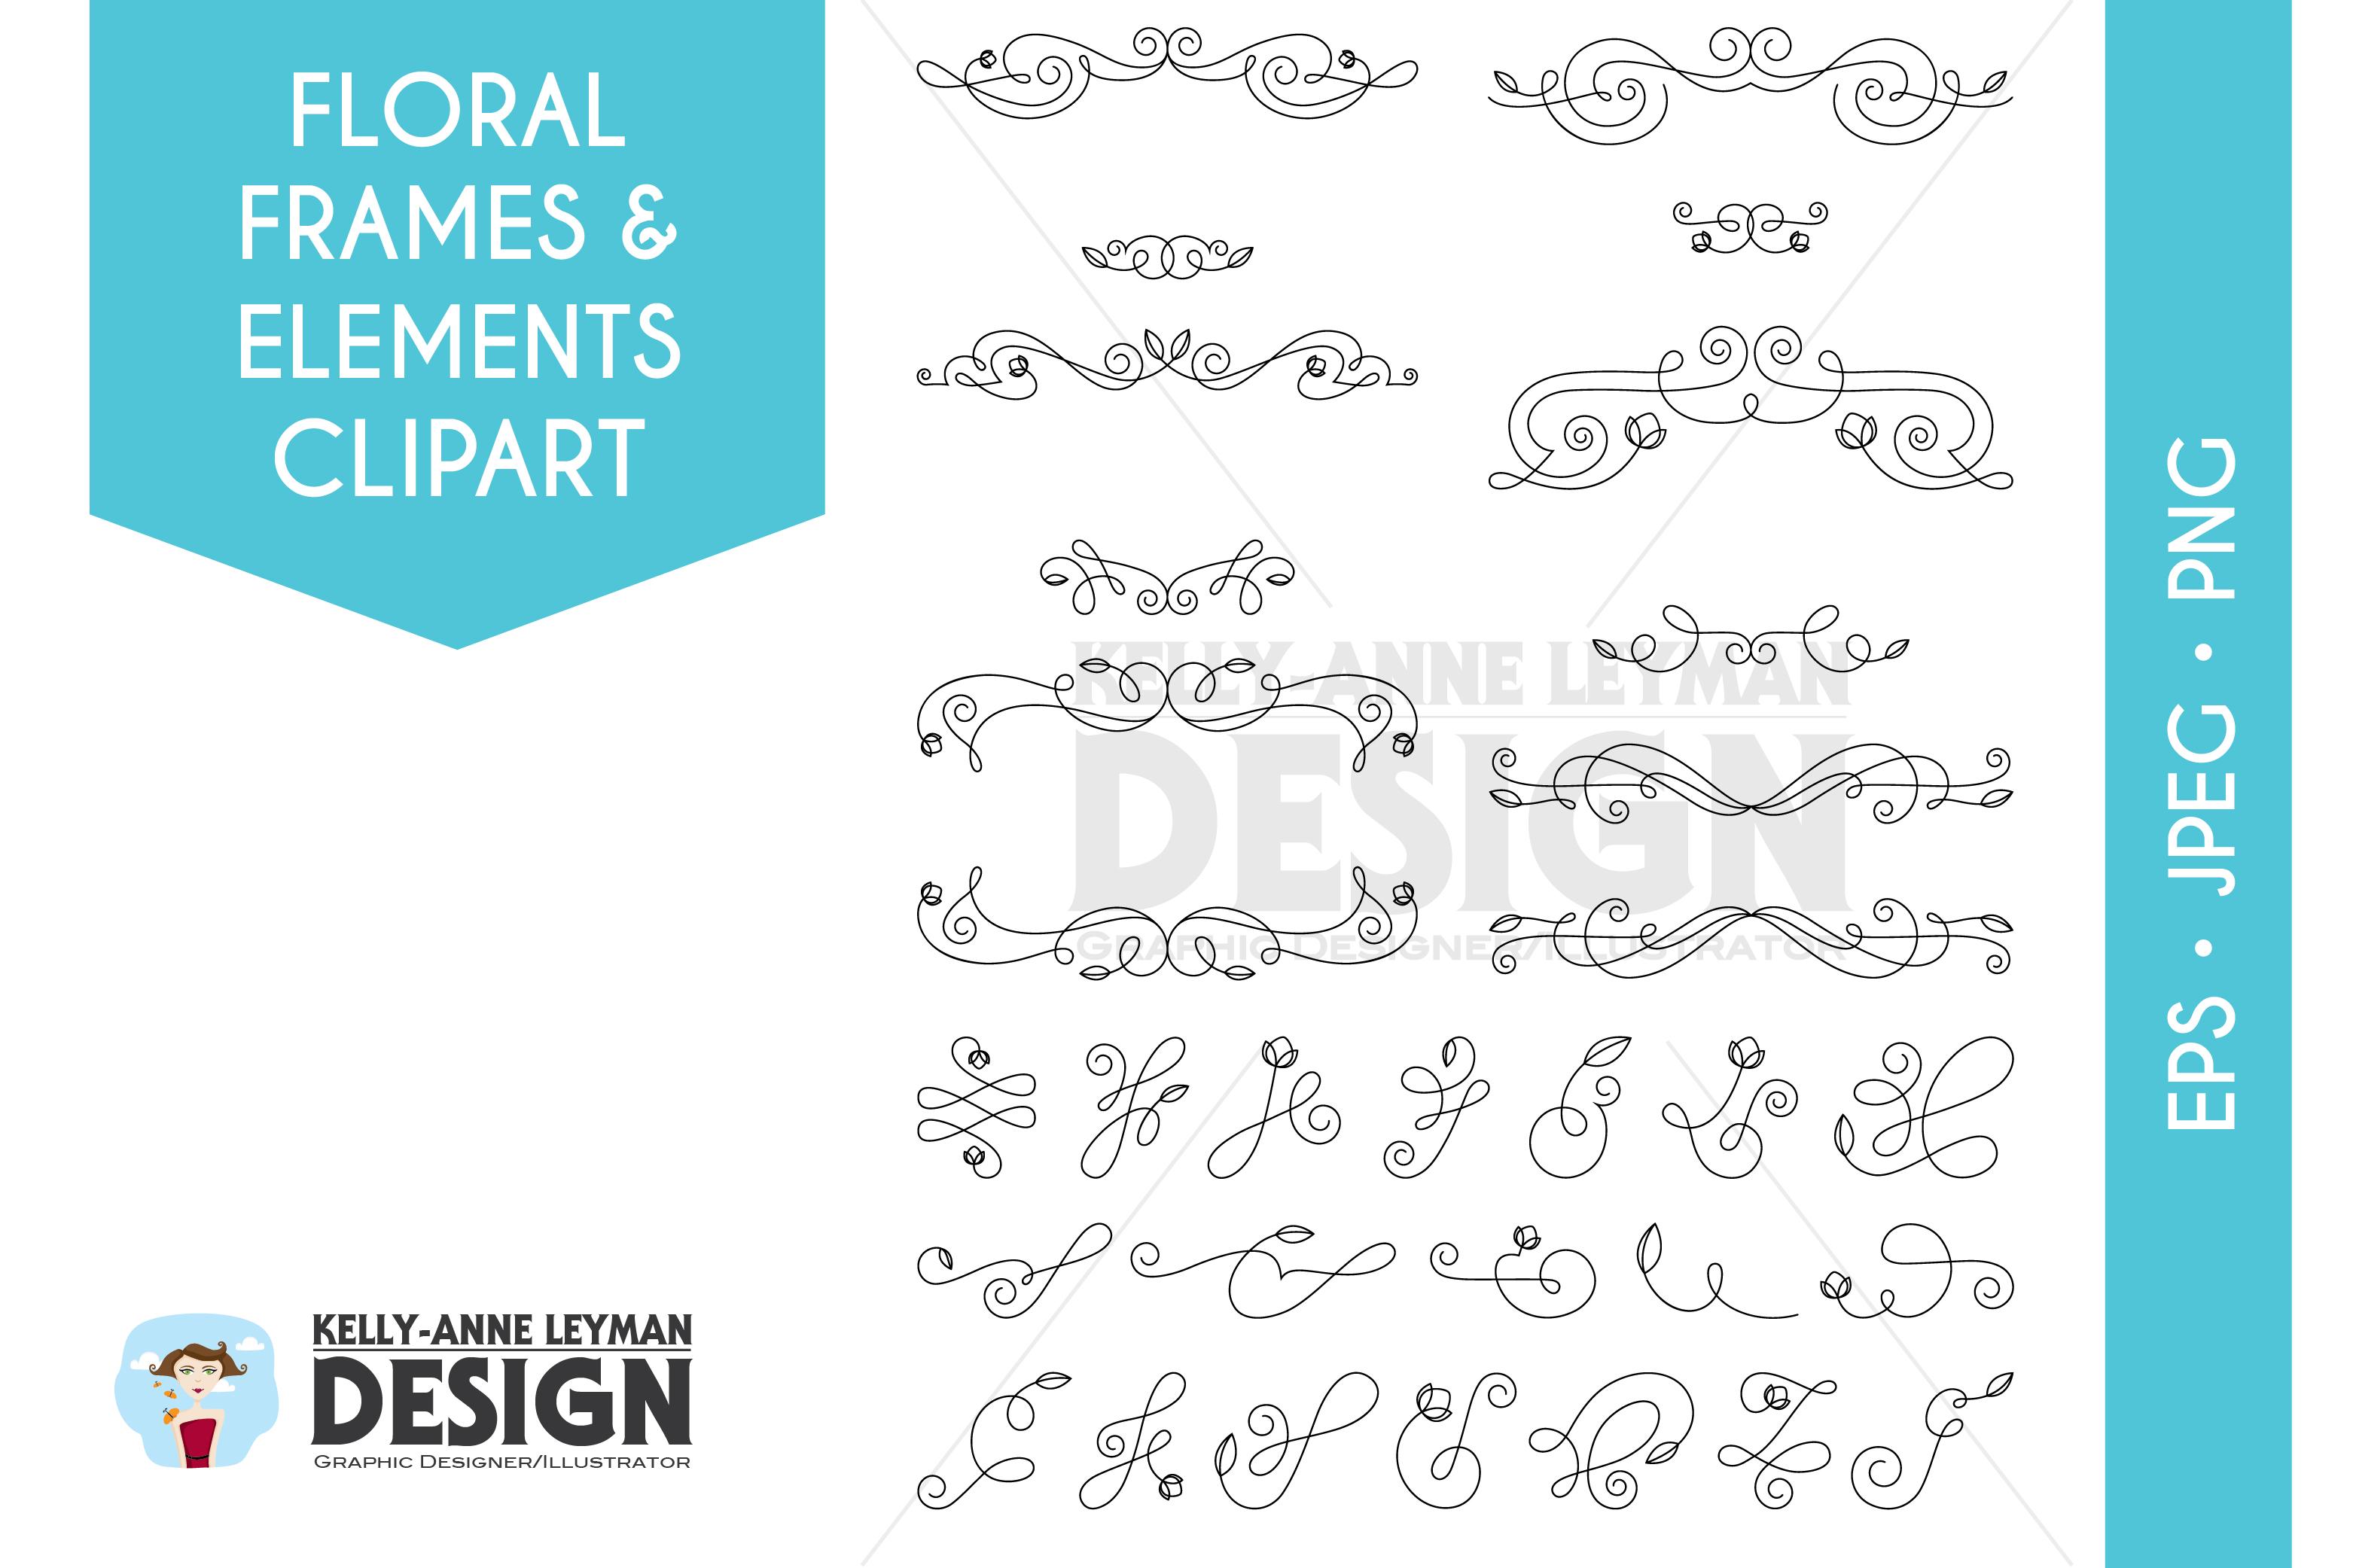 Floral Digital Frames Clipart, Digital Labels clipart set example image 2